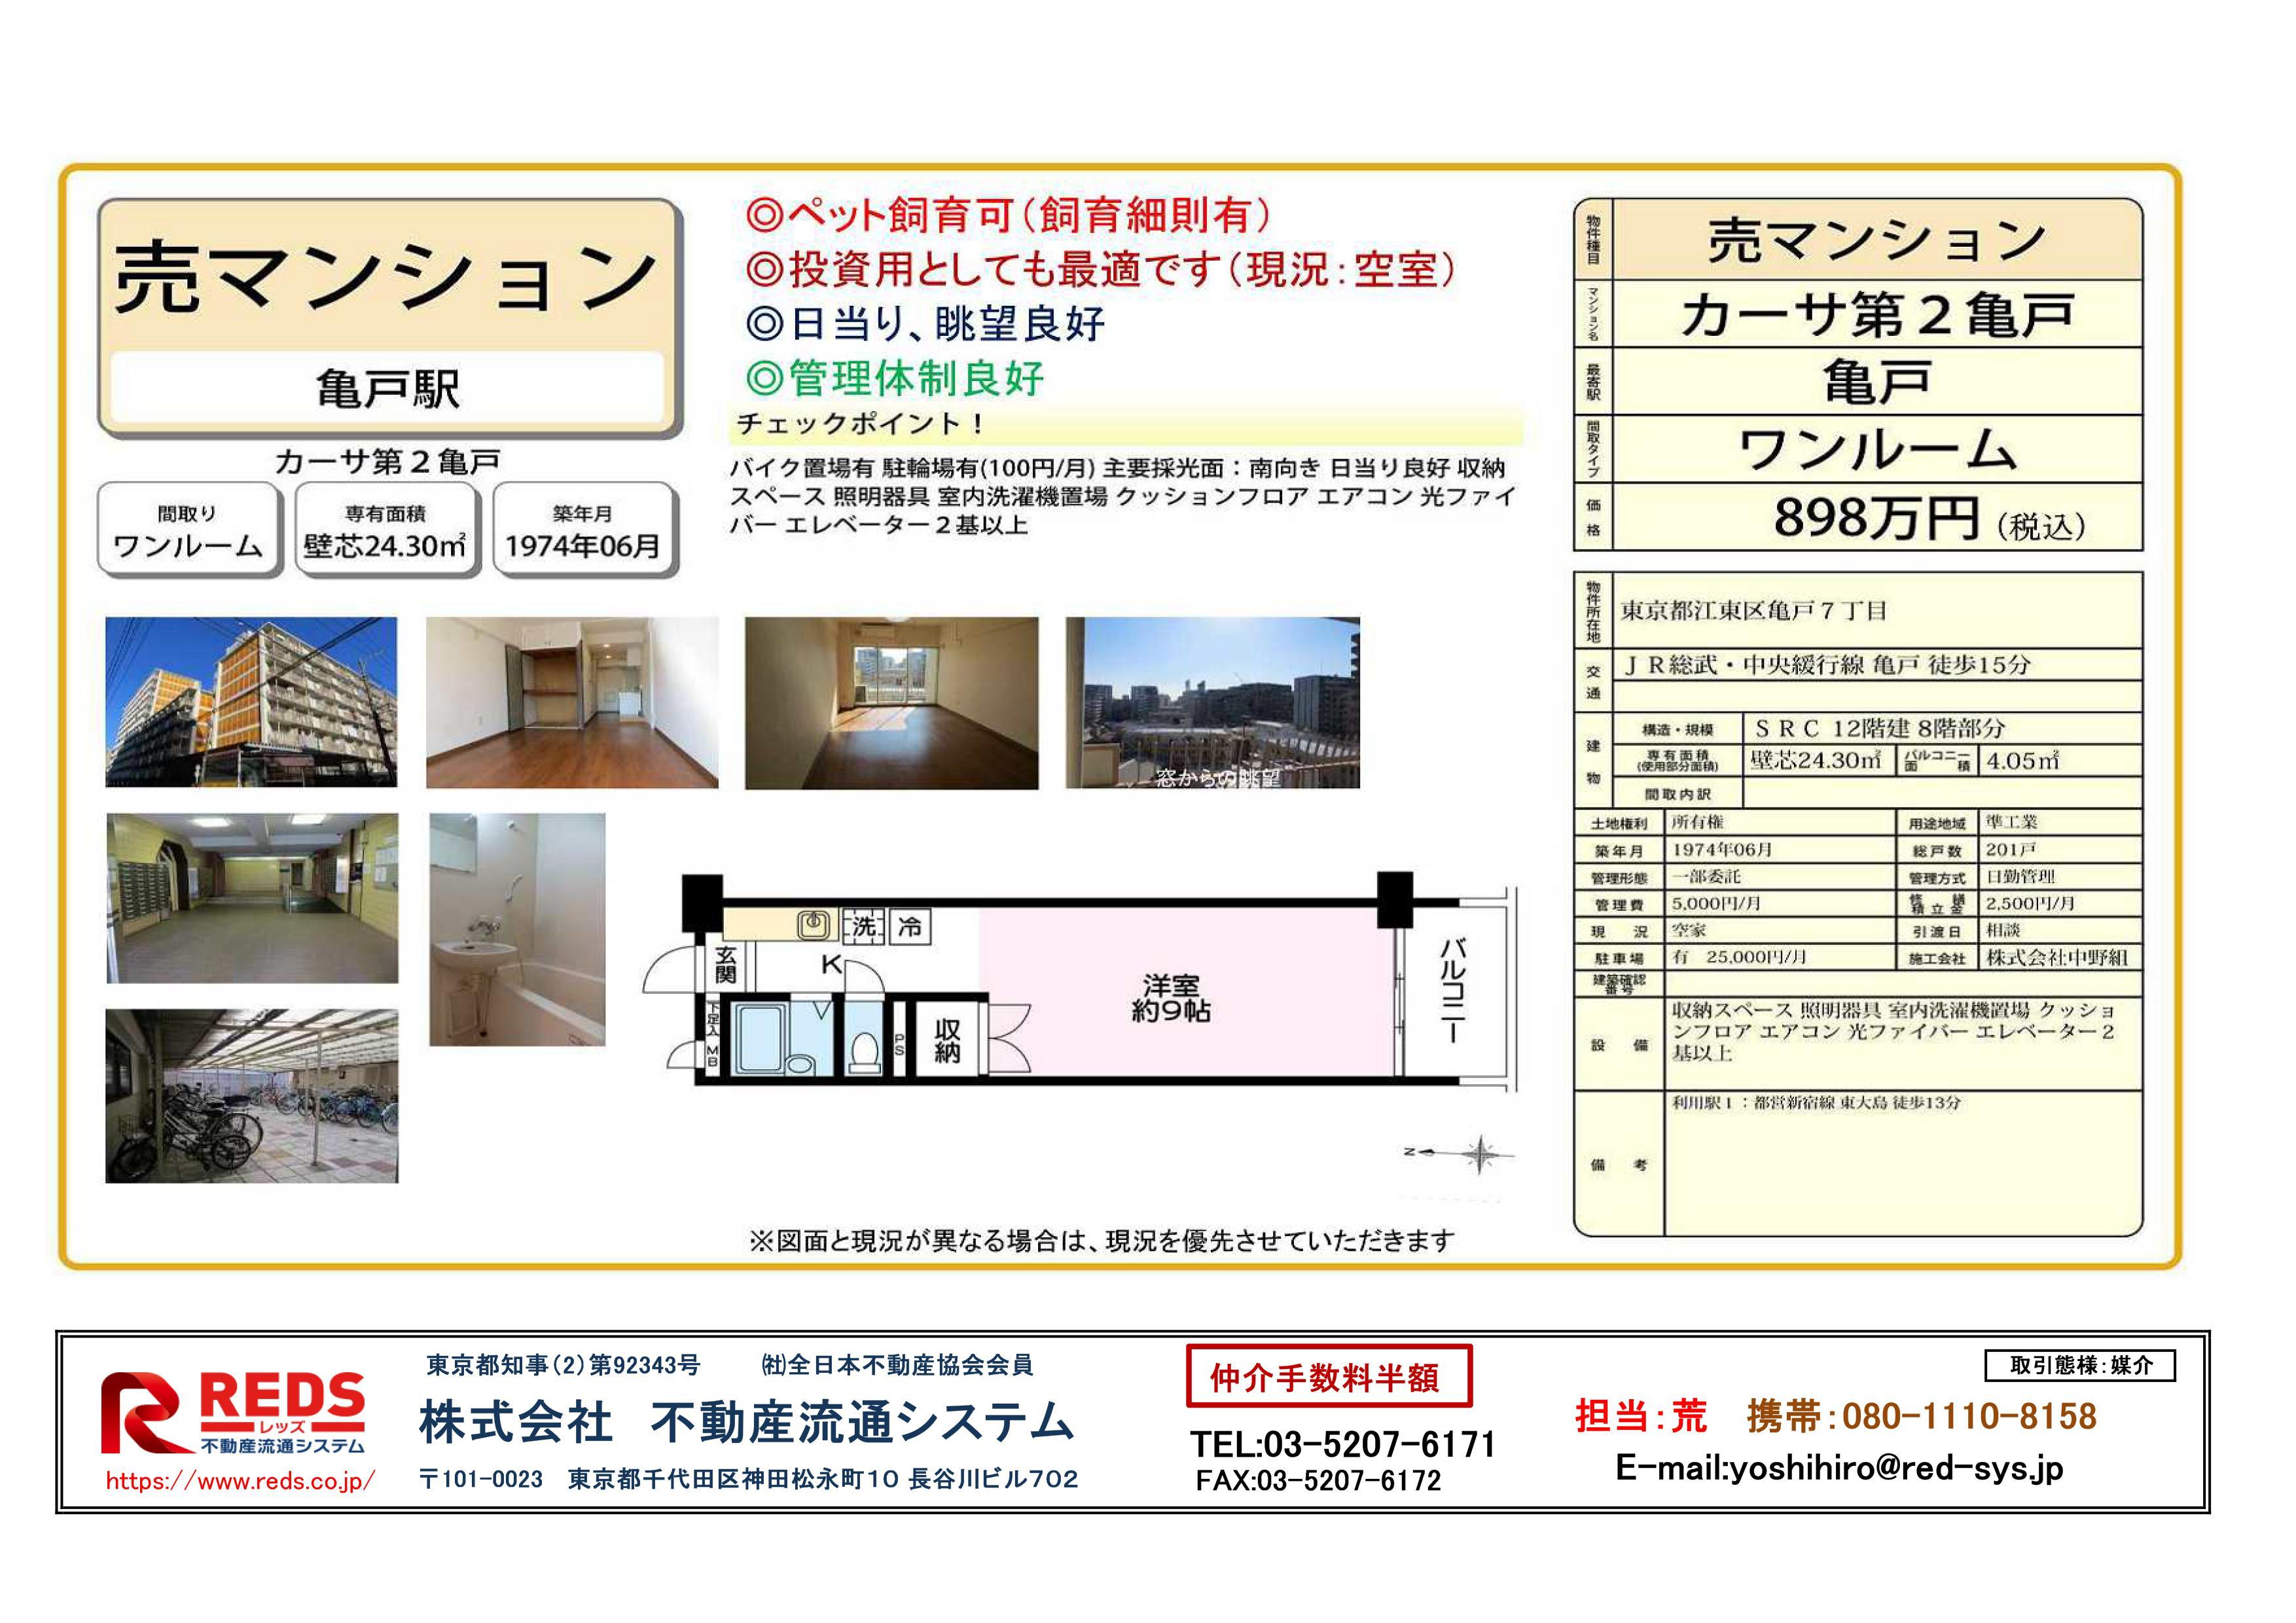 カーサ第2亀戸販売図面(エンド用)_01